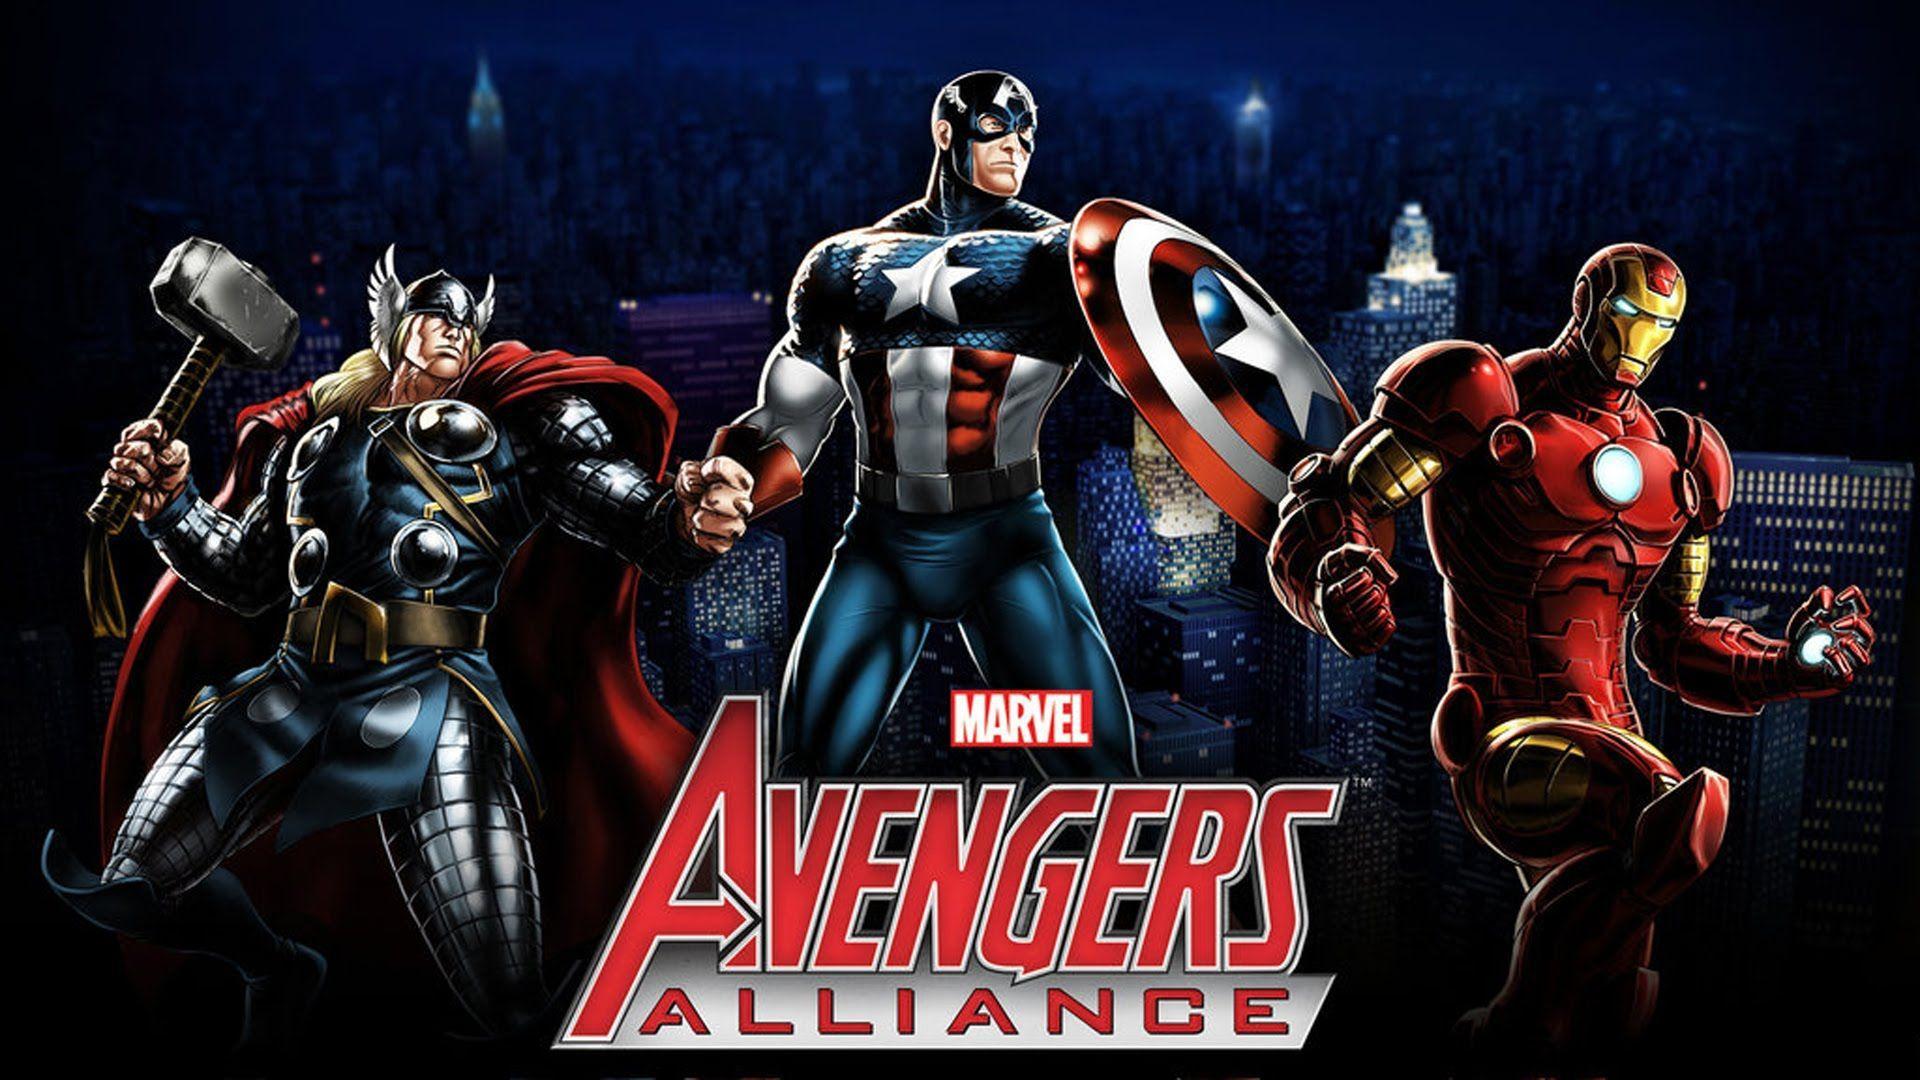 Marvel Avengers Alliance Wallpapers - Top Free Marvel Avengers